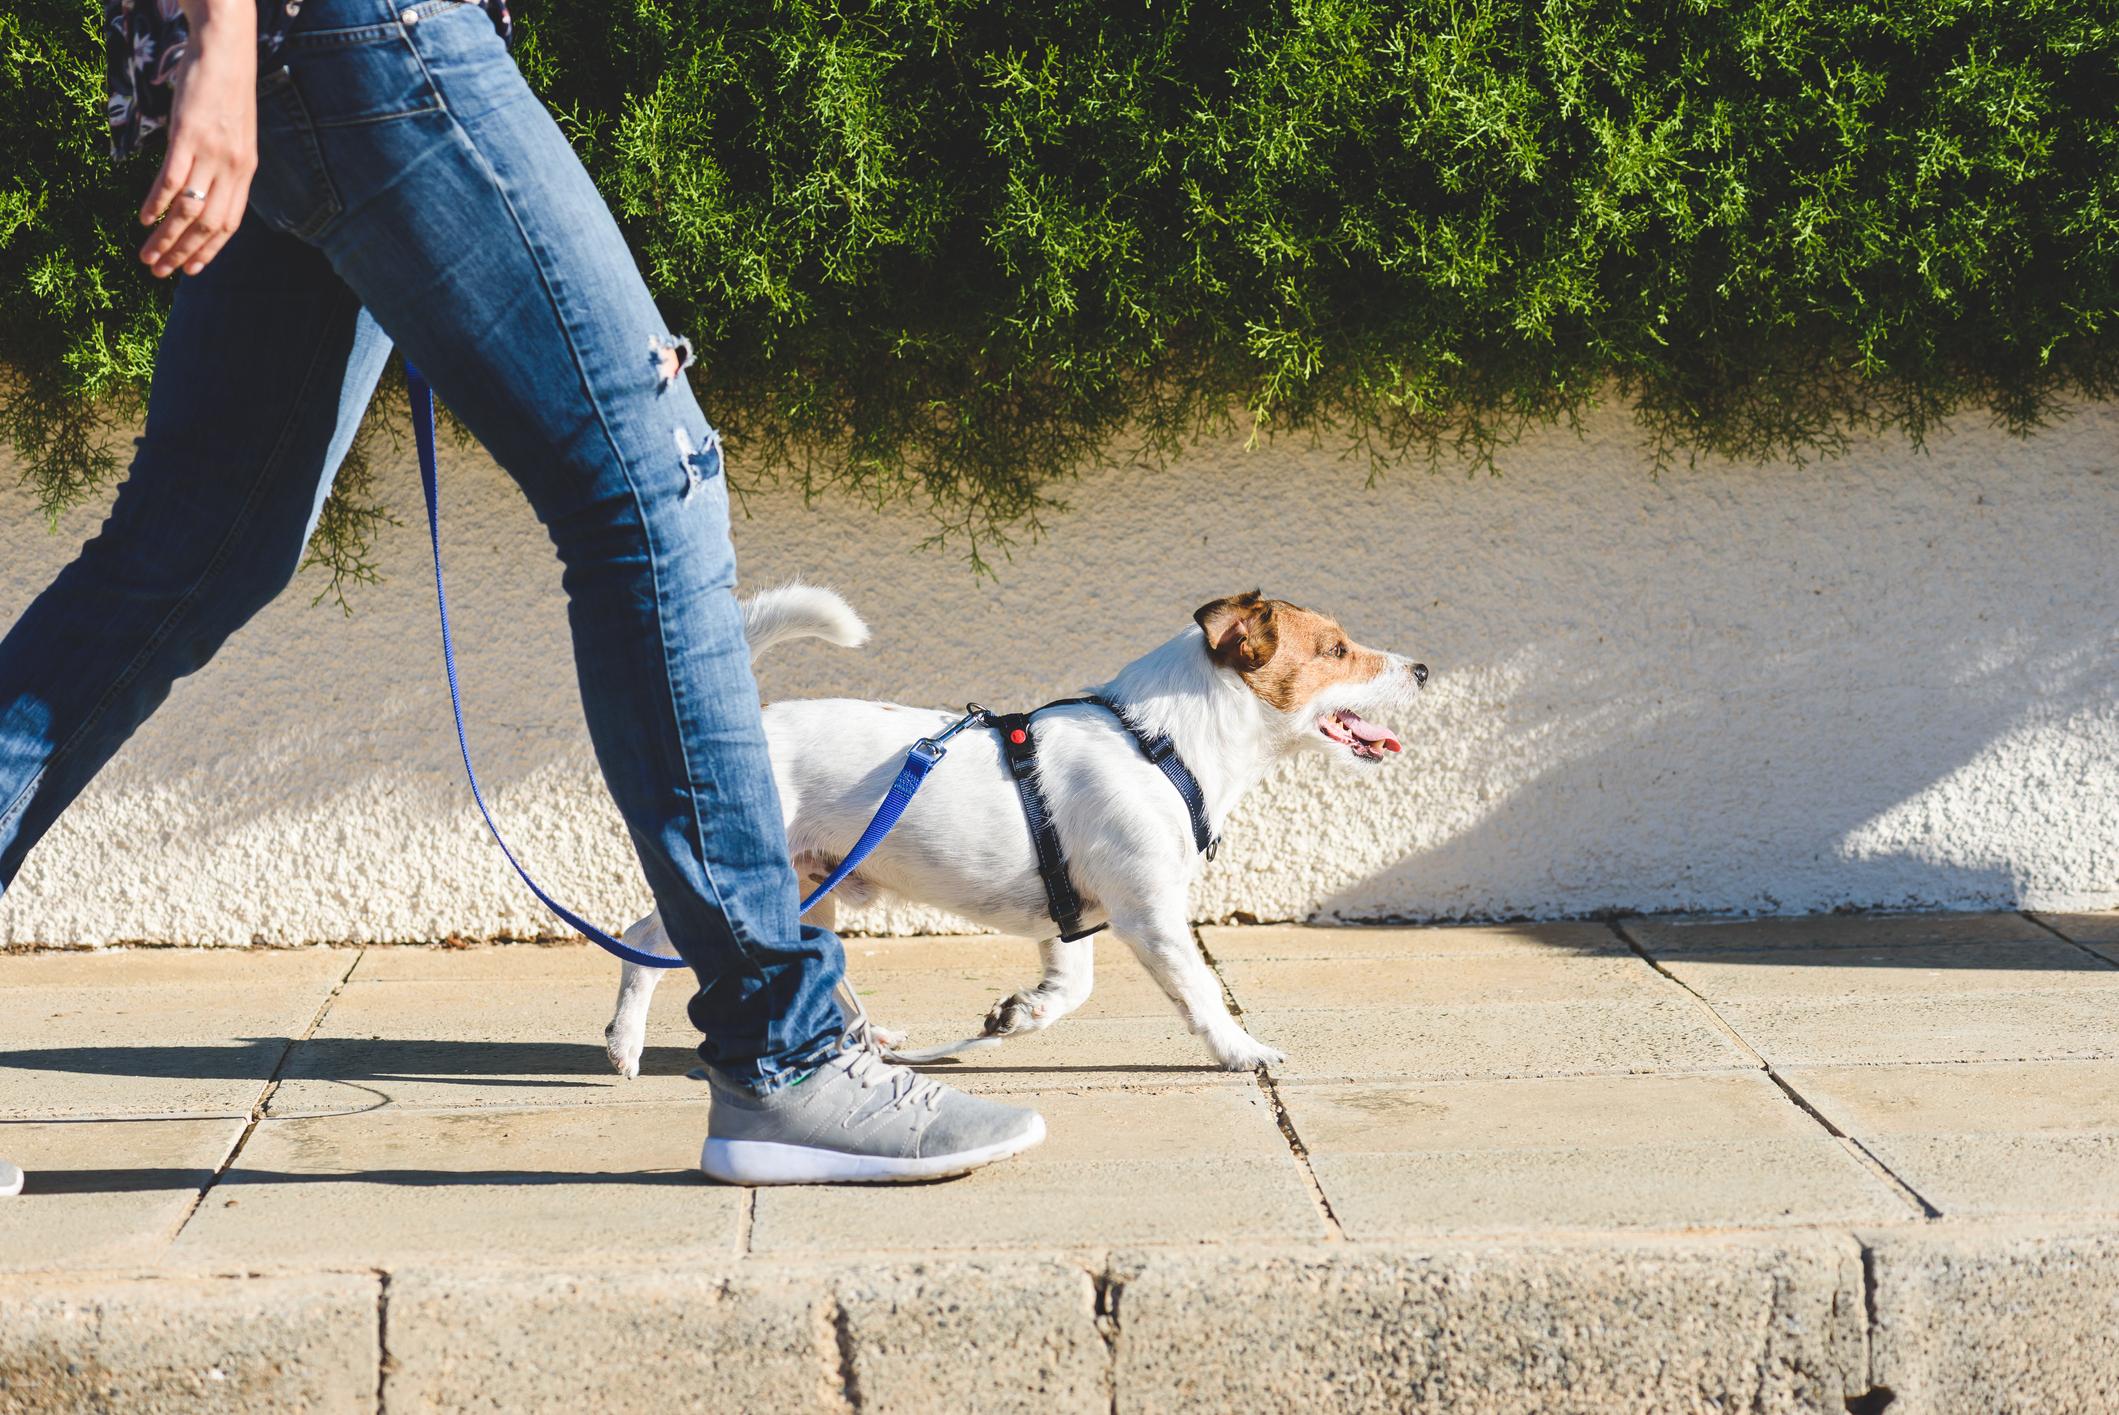 Tutora a passear com o cão na rua